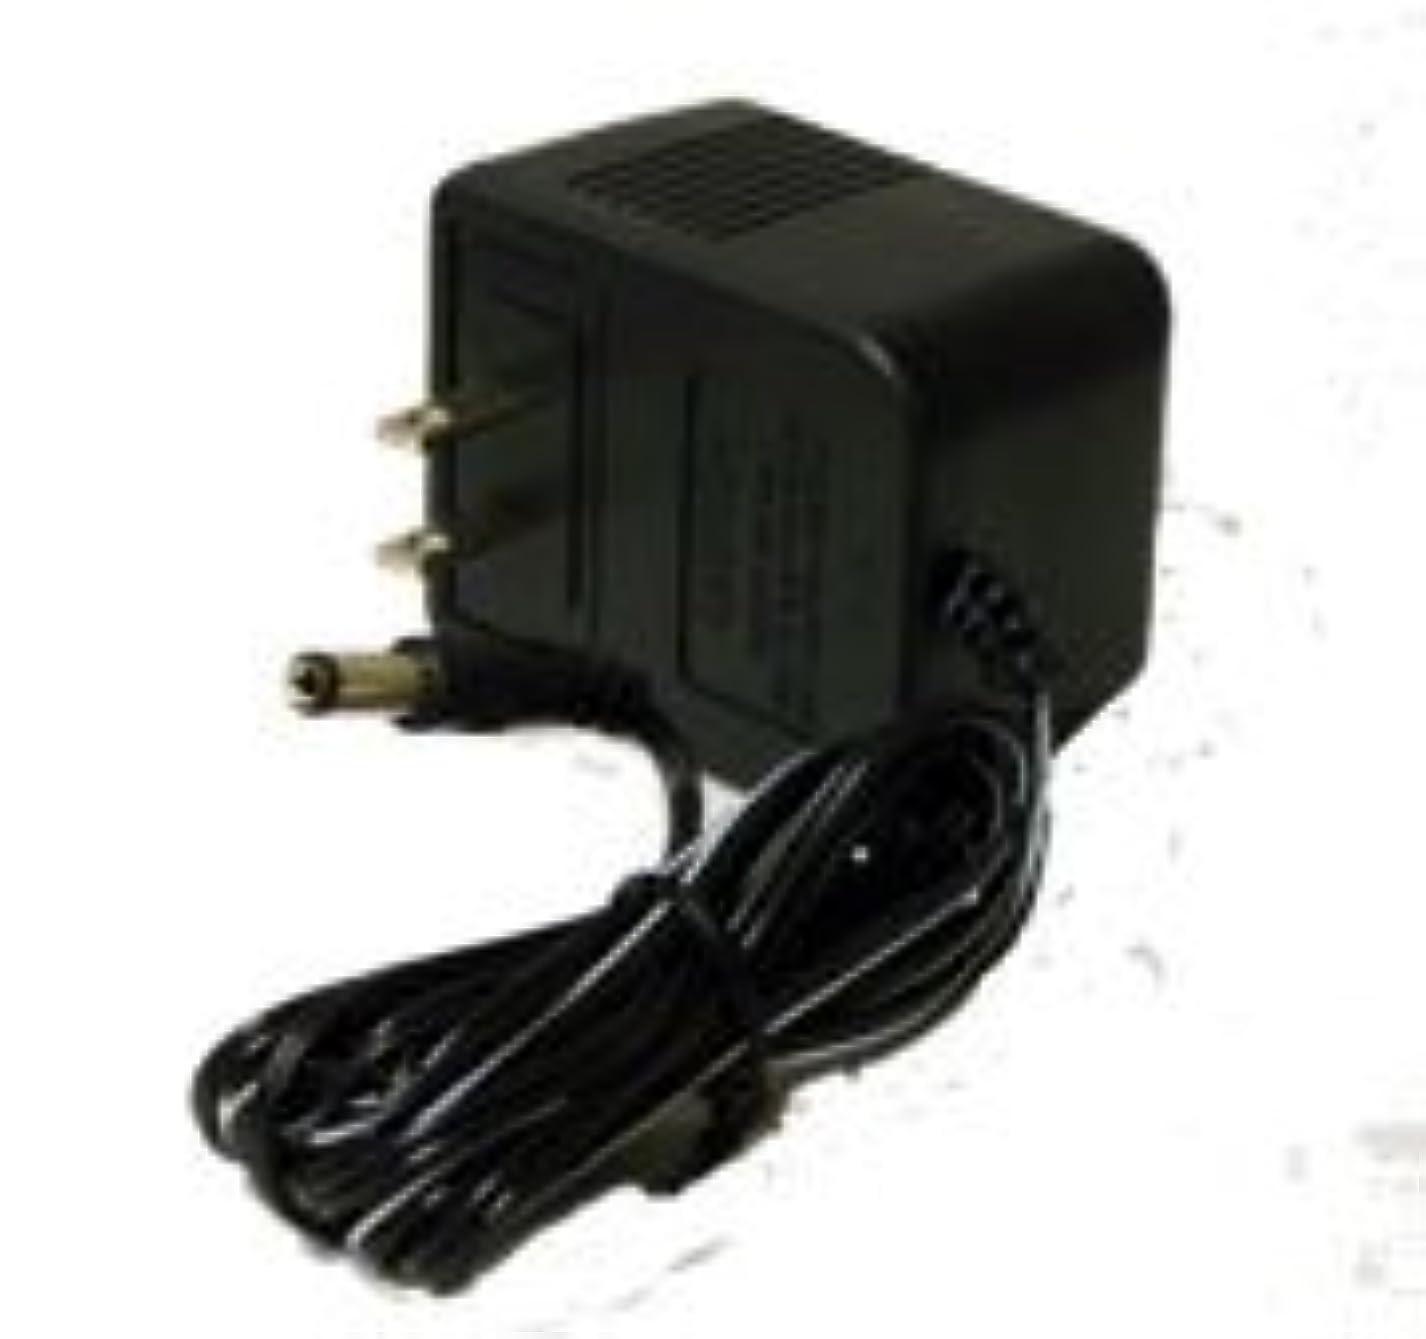 バインド式残り生活の木 エッセンシャルオイルディフューザー用部品ACアダプター (08-802-1070)